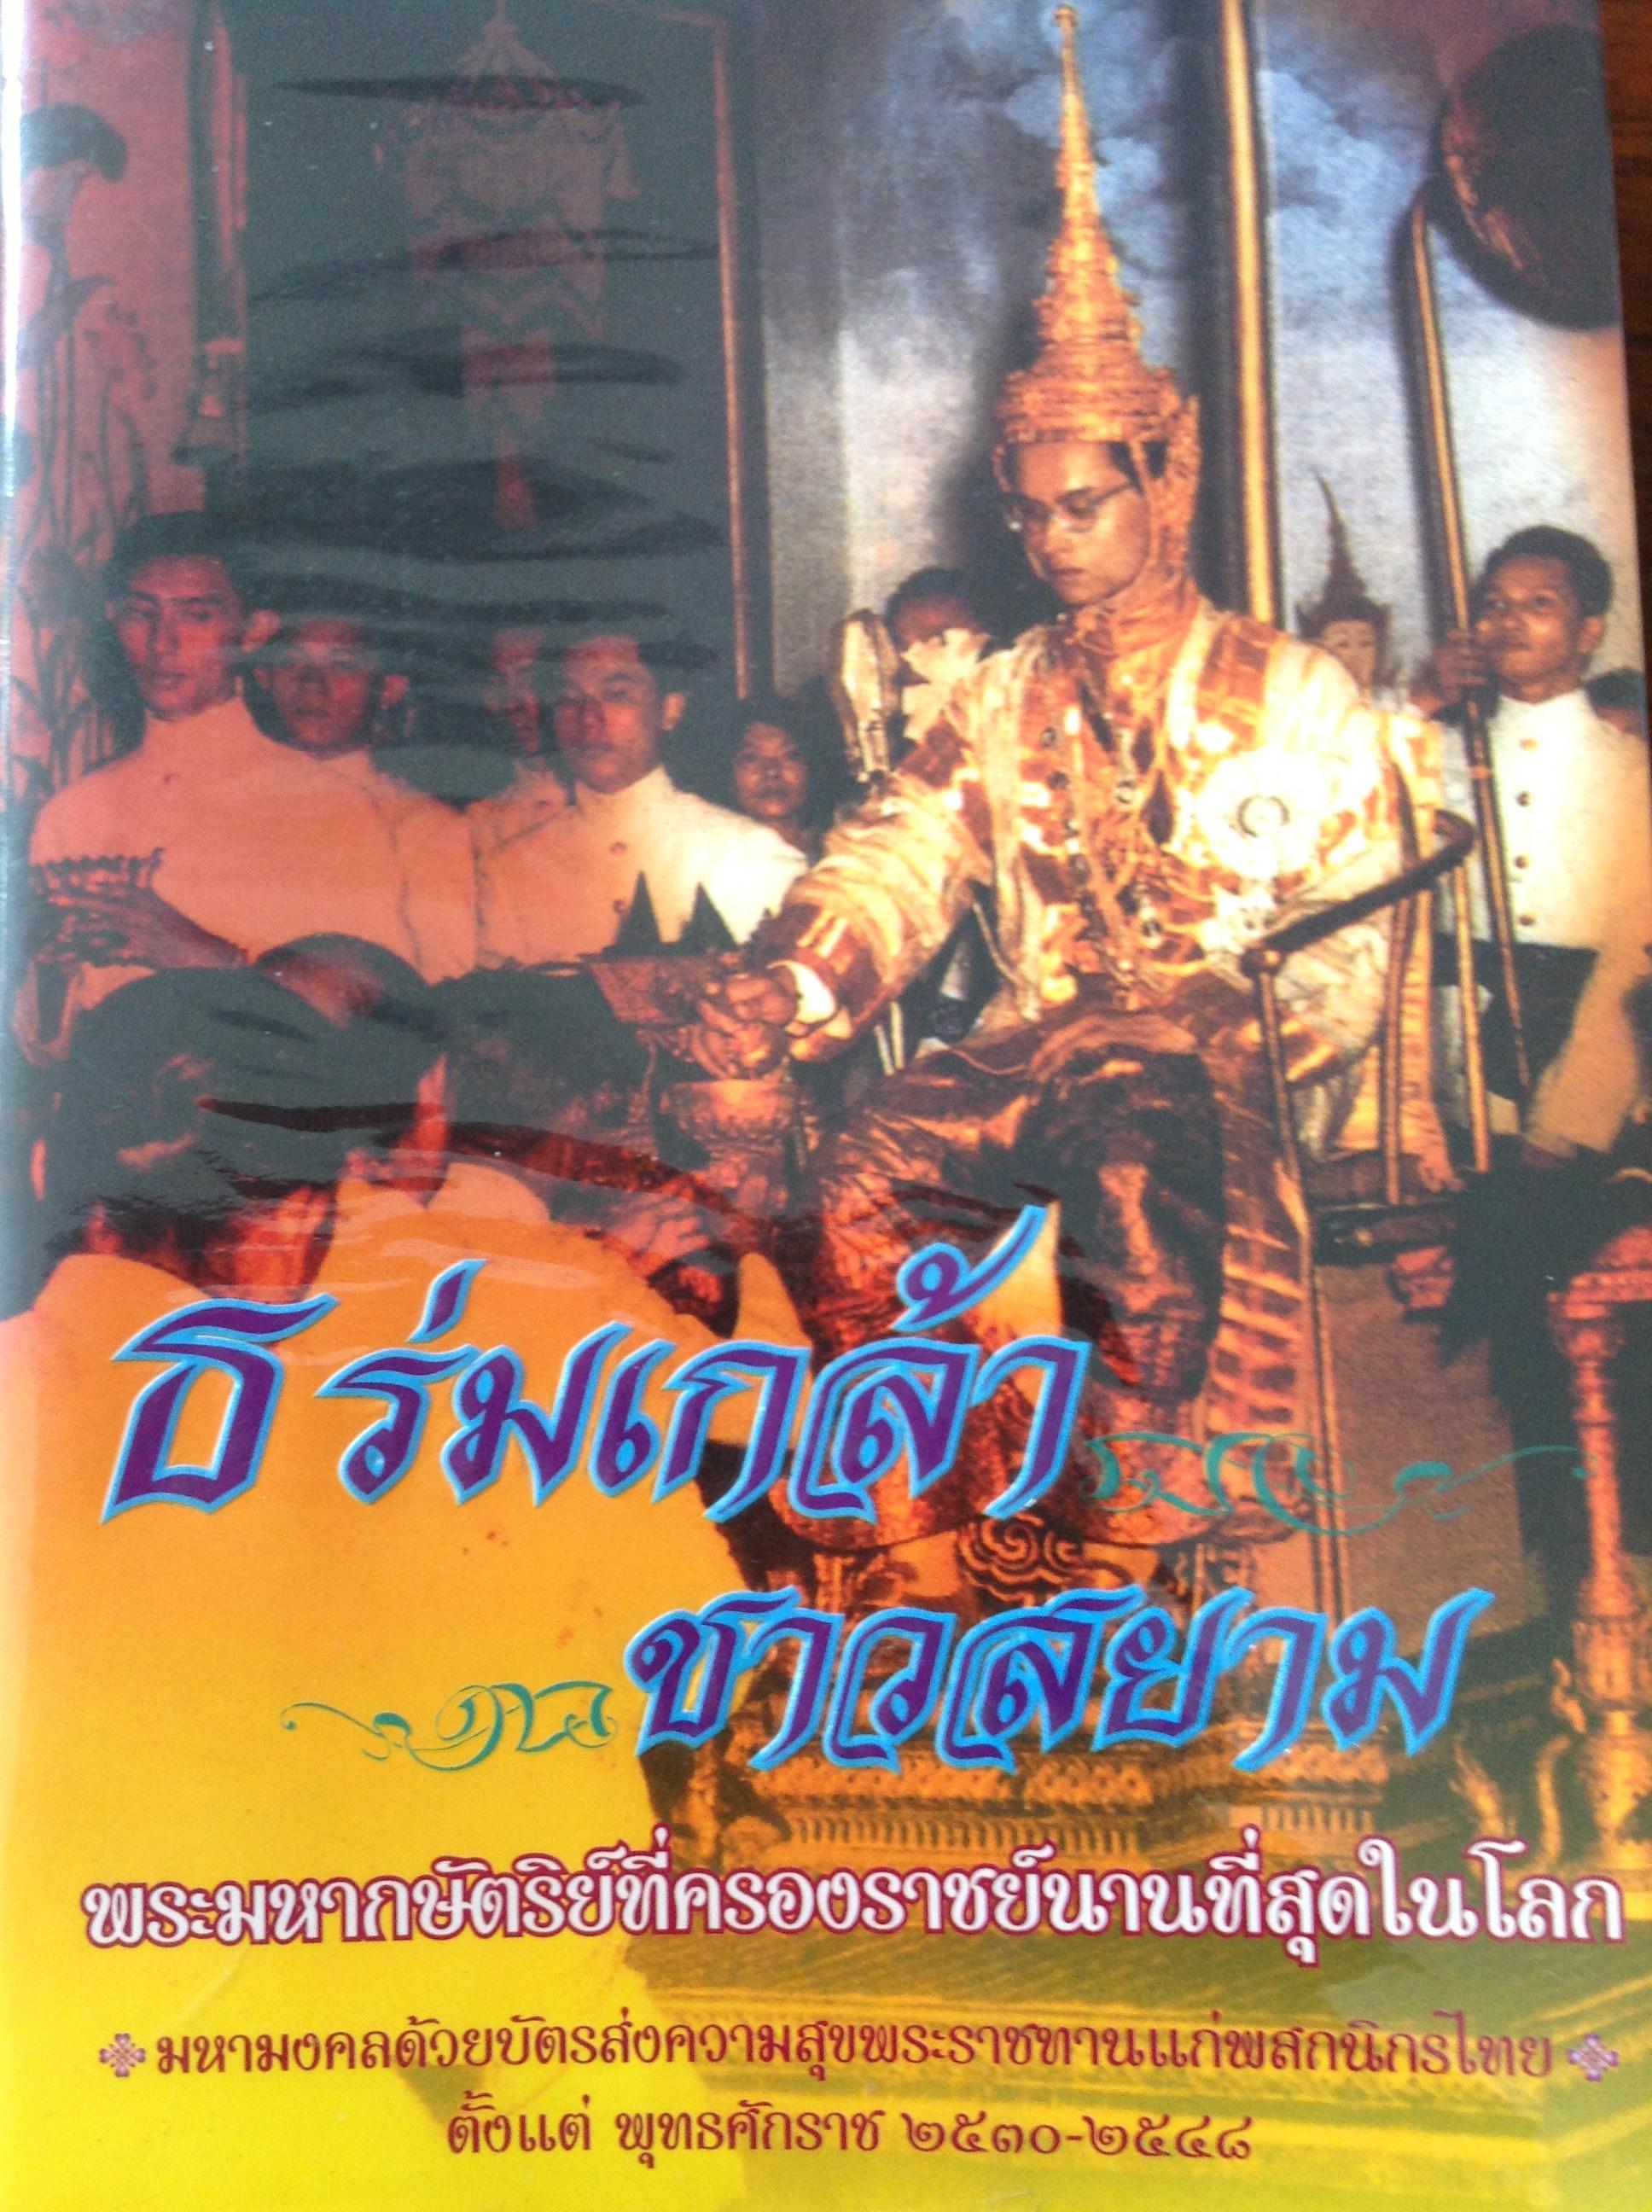 ธ ร่มเกล้าชาวสยาม พระมหากษัตริย์ที่ทรงครองราชย์นานที่สุดในโลก มหามงคลด้วยบัตรส่งความสุขพระราชทานแก่พสกนิกรไทย ตั้งแต่ พศ.2530-2548